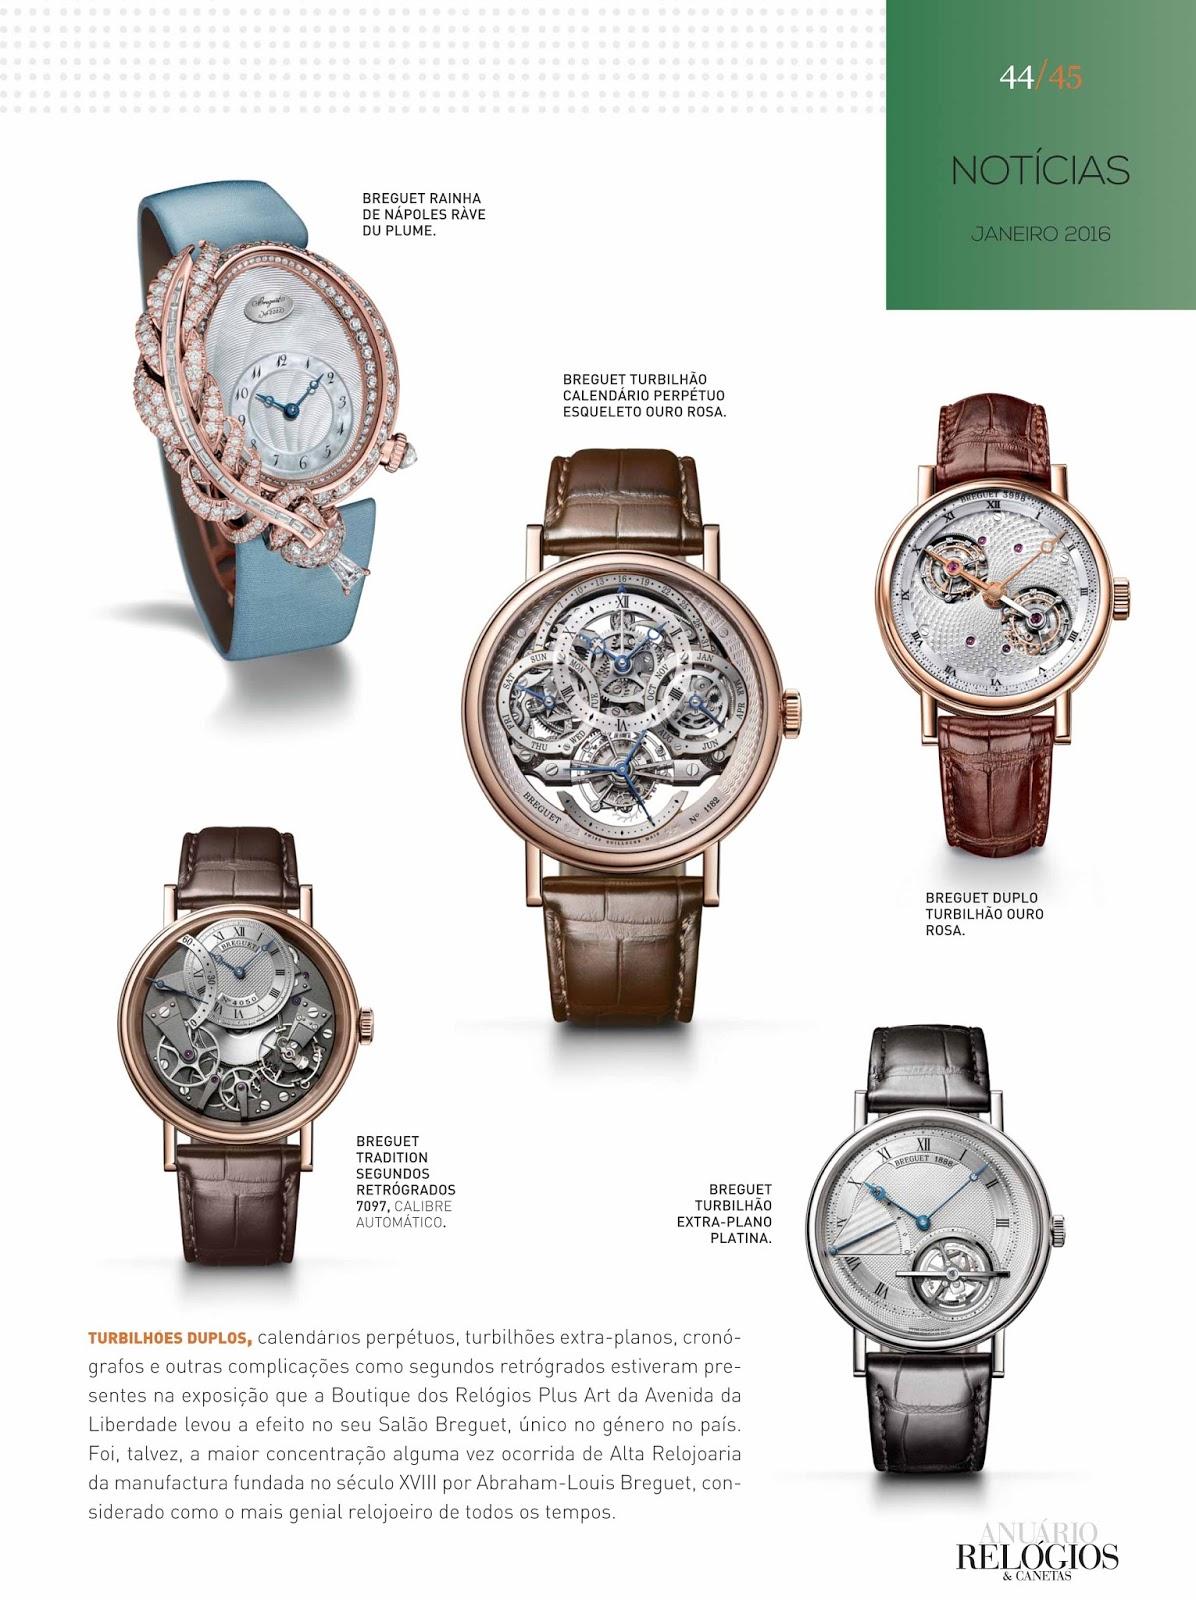 68a5d4c3daa ... do Relógios   Canetas online. Começámos o ano com um recorde - são 179  páginas inteiramente dedicadas à alta relojoaria